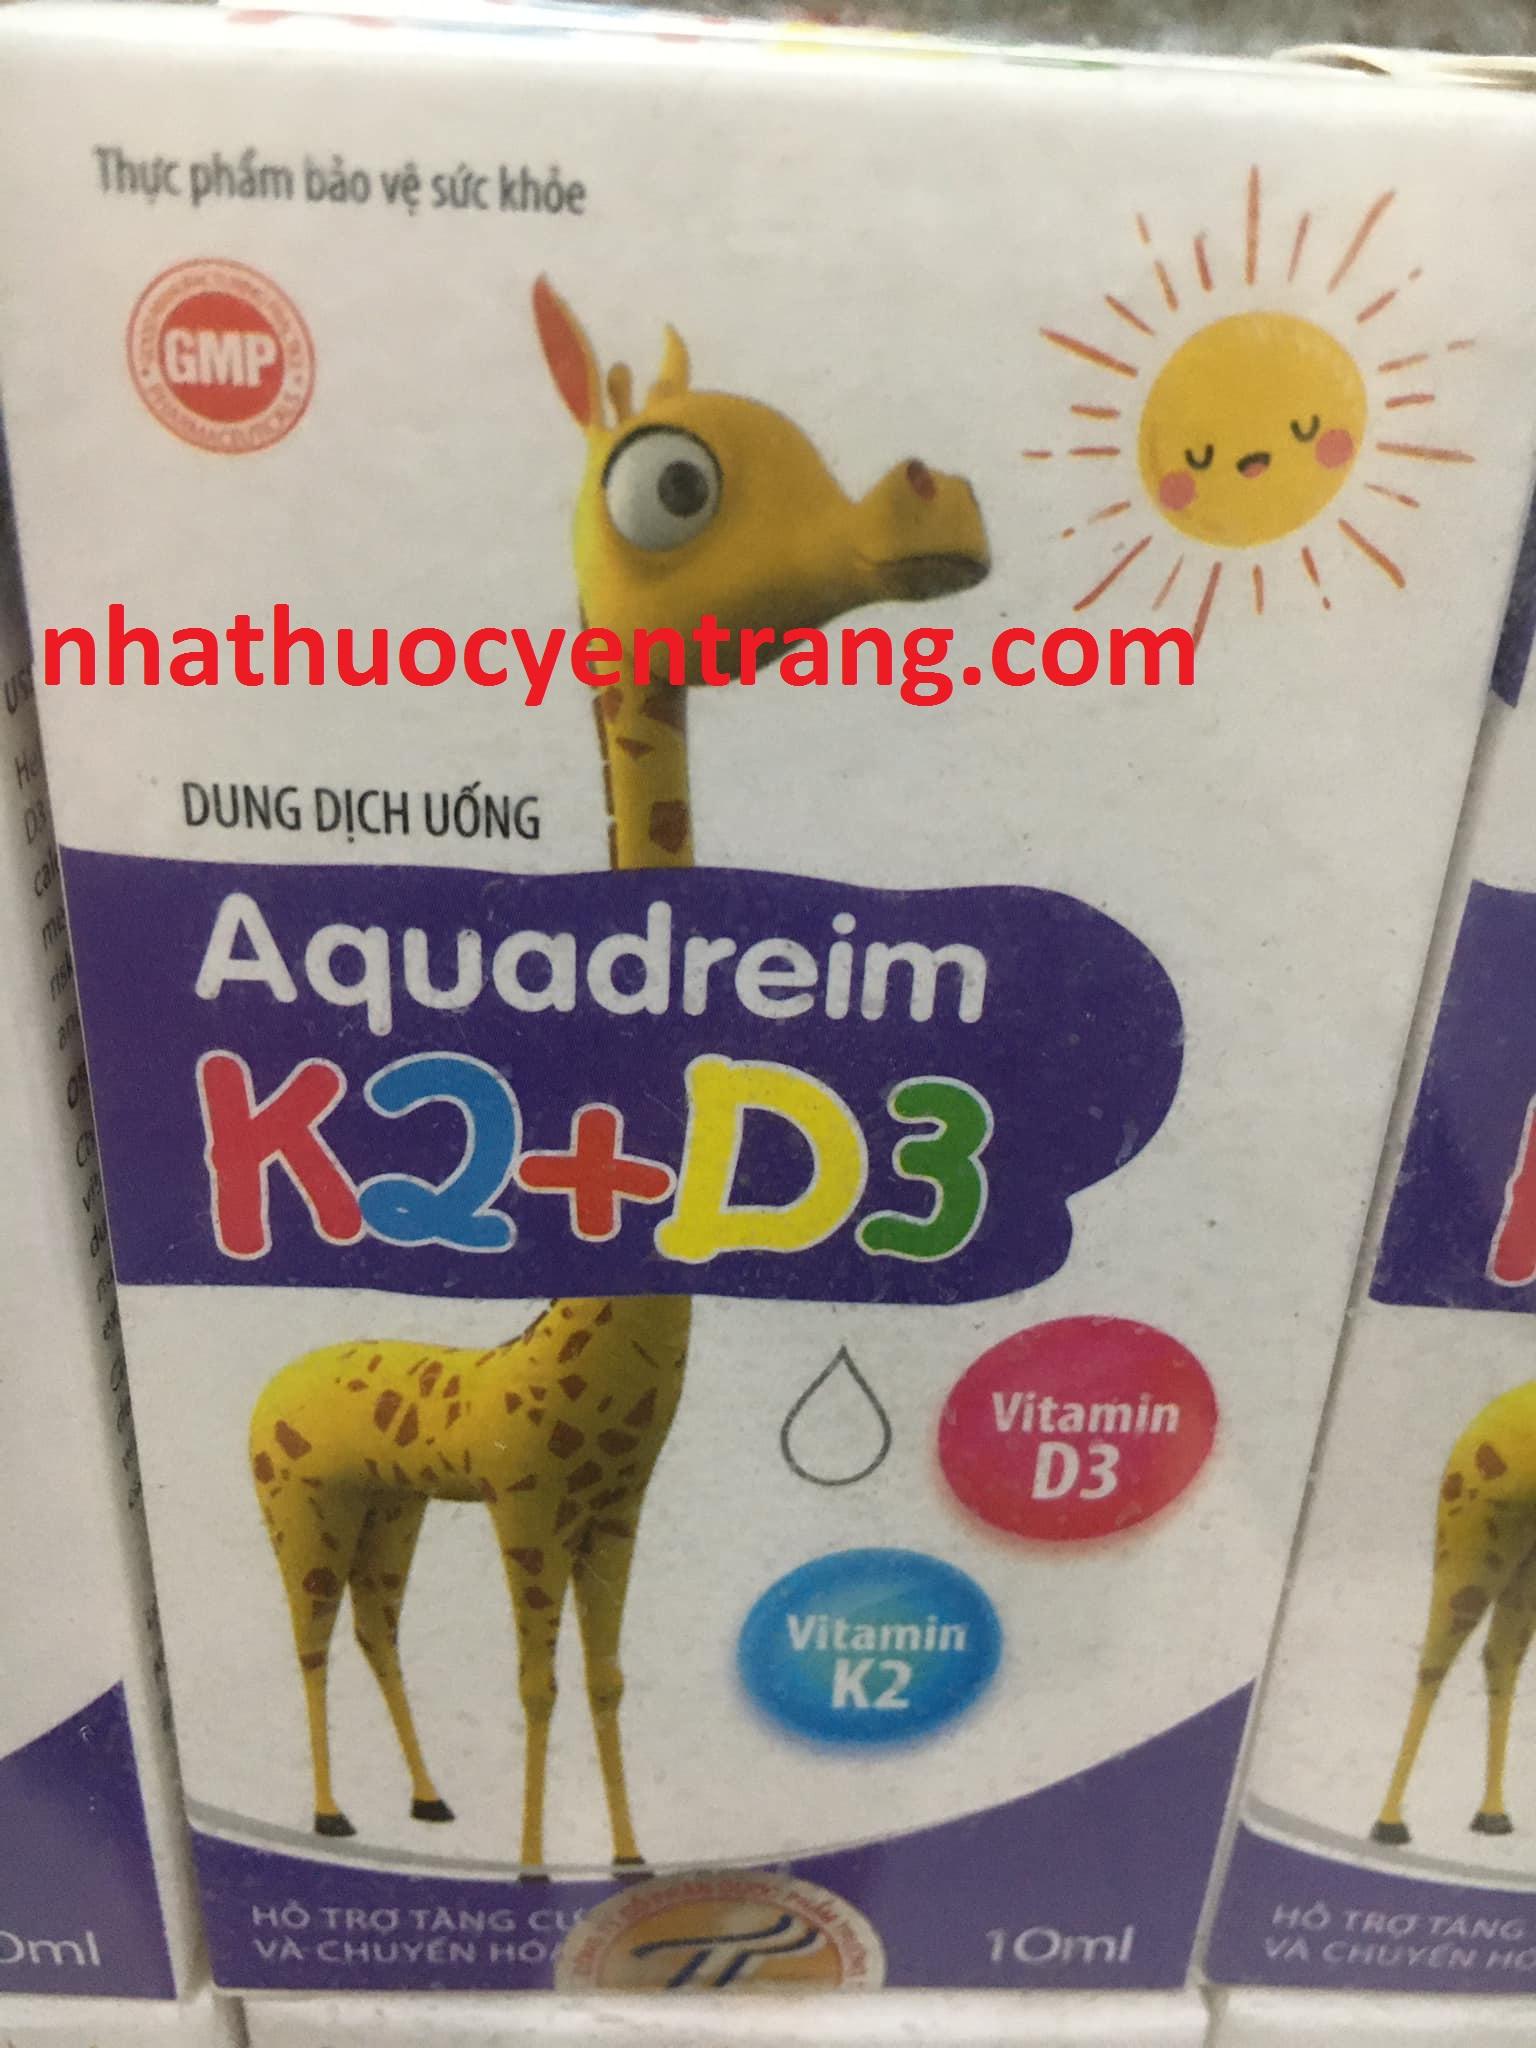 Aquadreim K2 + D3